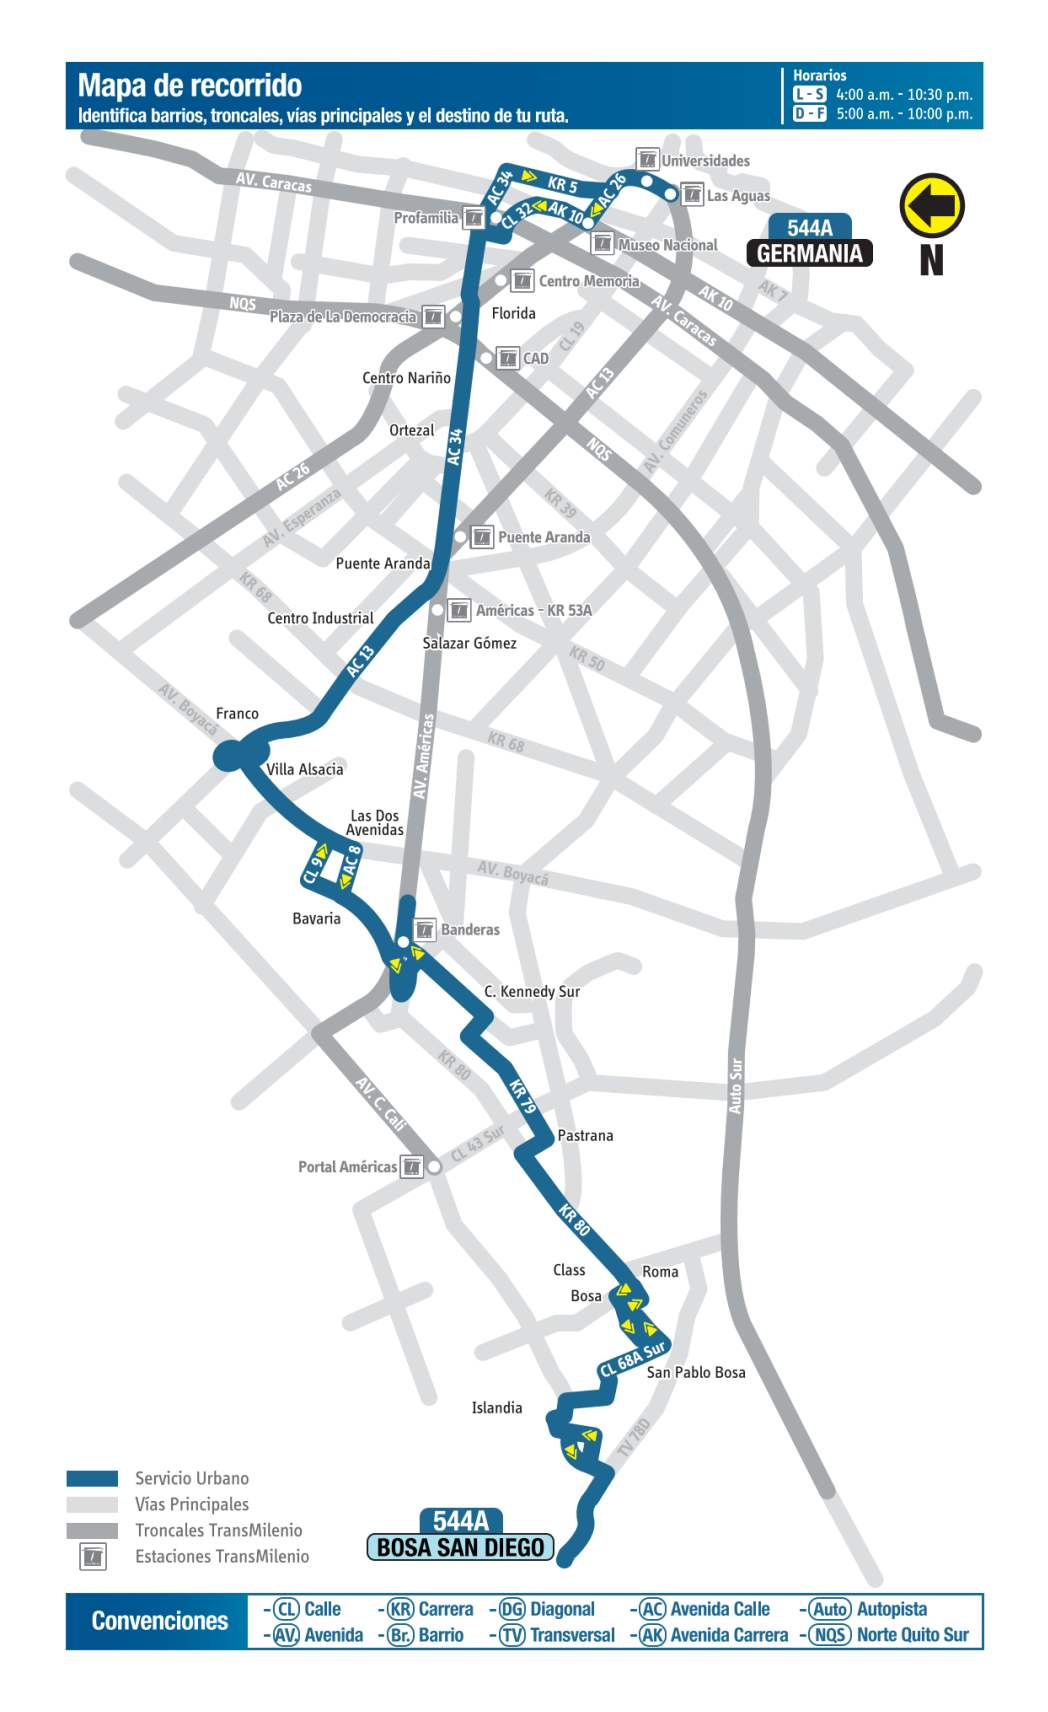 544A Bosa, San Diego - Germania, mapa bus urbano Bogotá